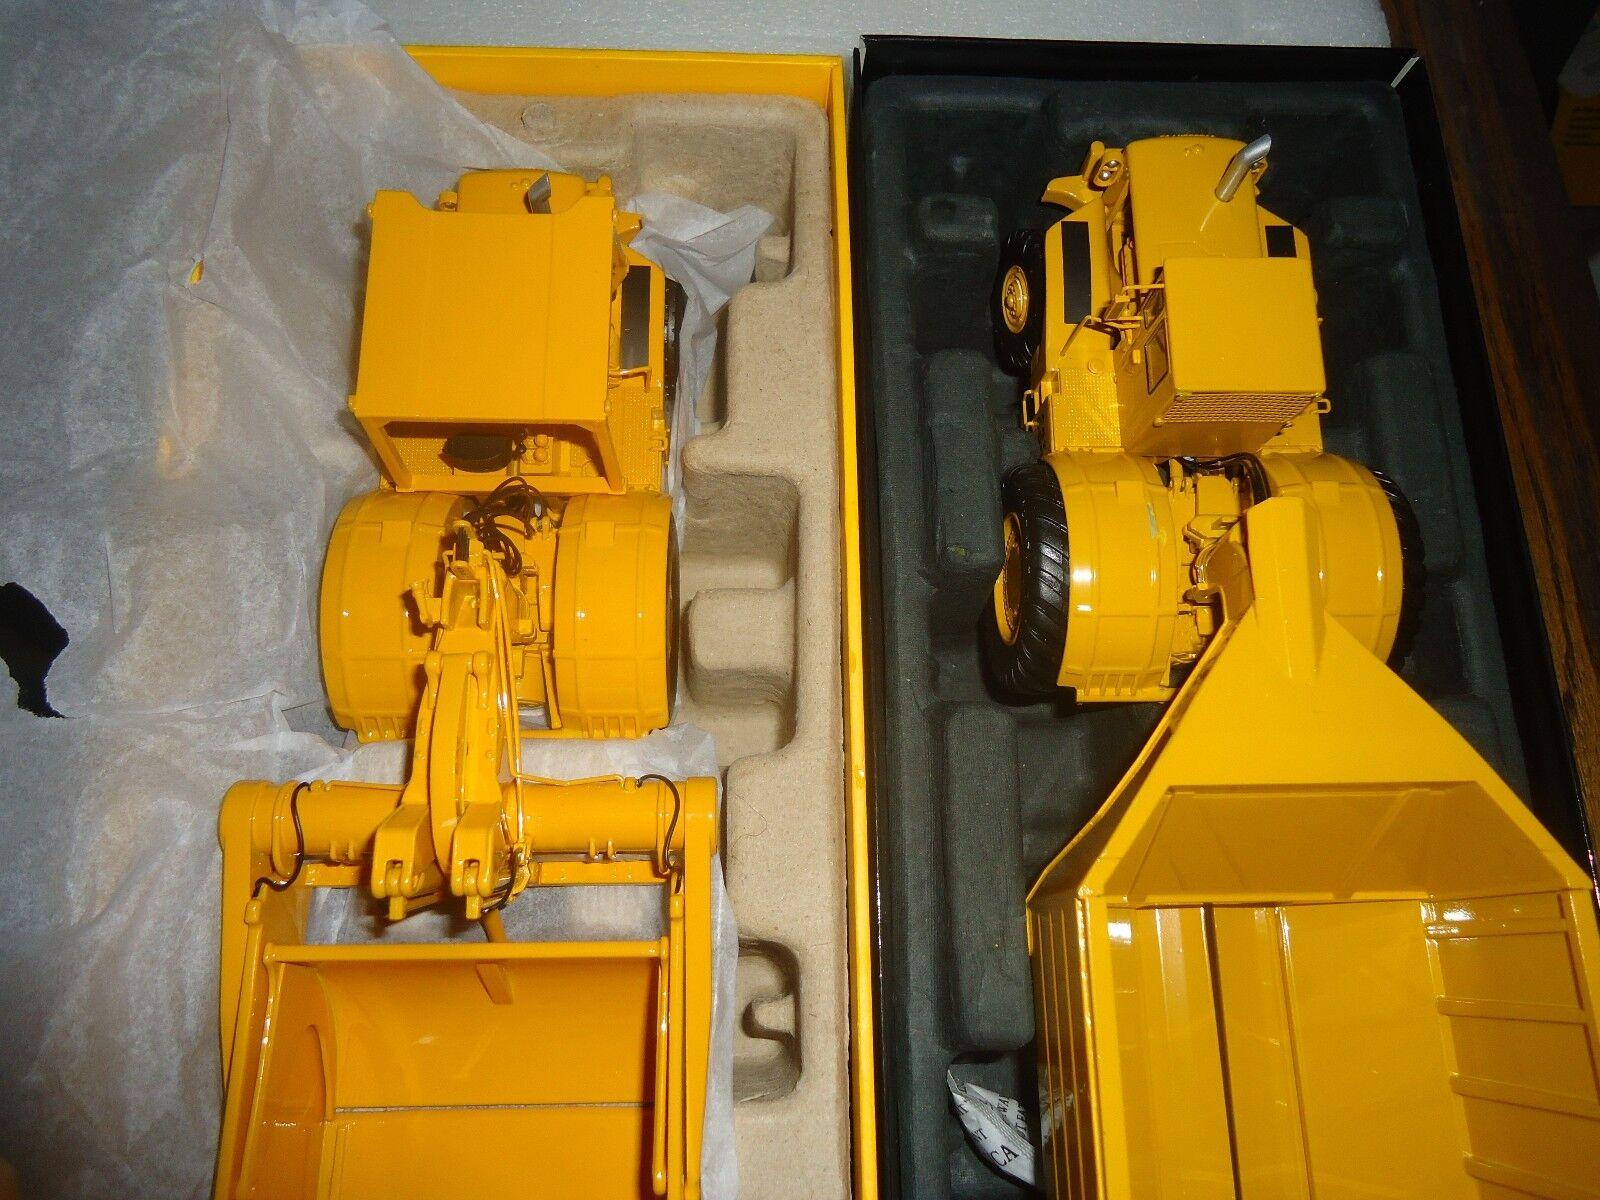 consegna e reso gratuiti Caterpillar 660 Scraper e A Caterpillar 660 660 660 Hauler By classeic Const. modellos  in vendita